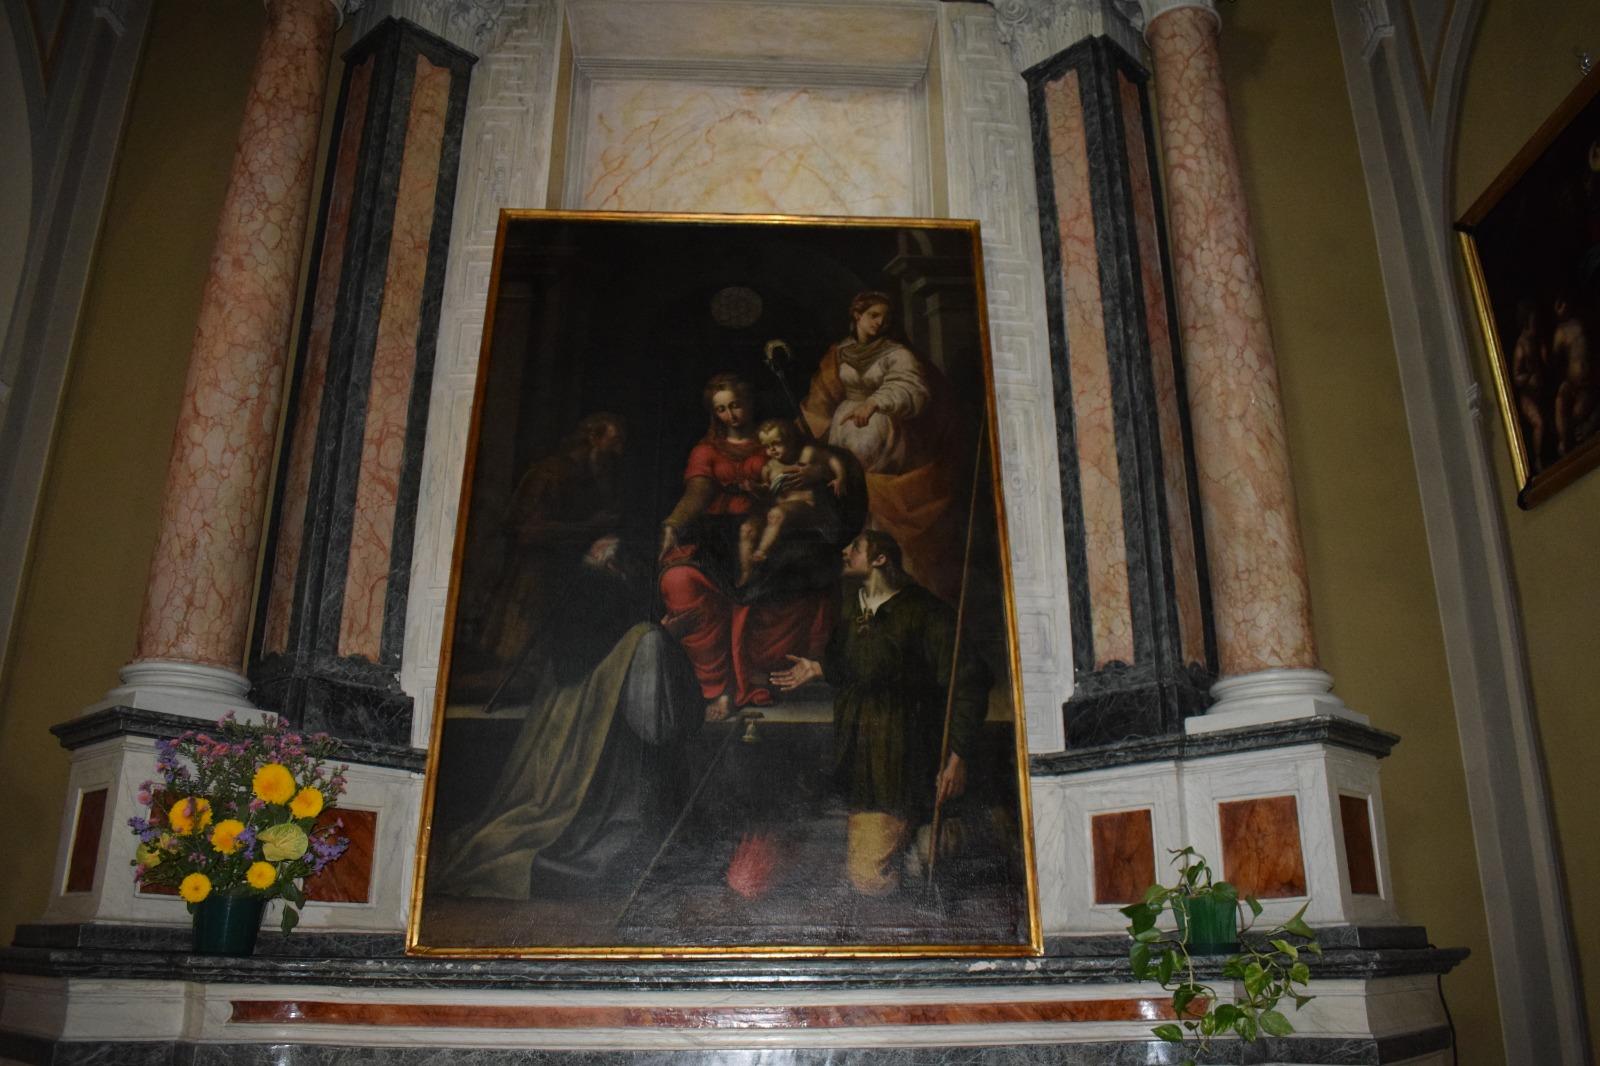 Presentazione dipinto Madonna in trono con santi (14)